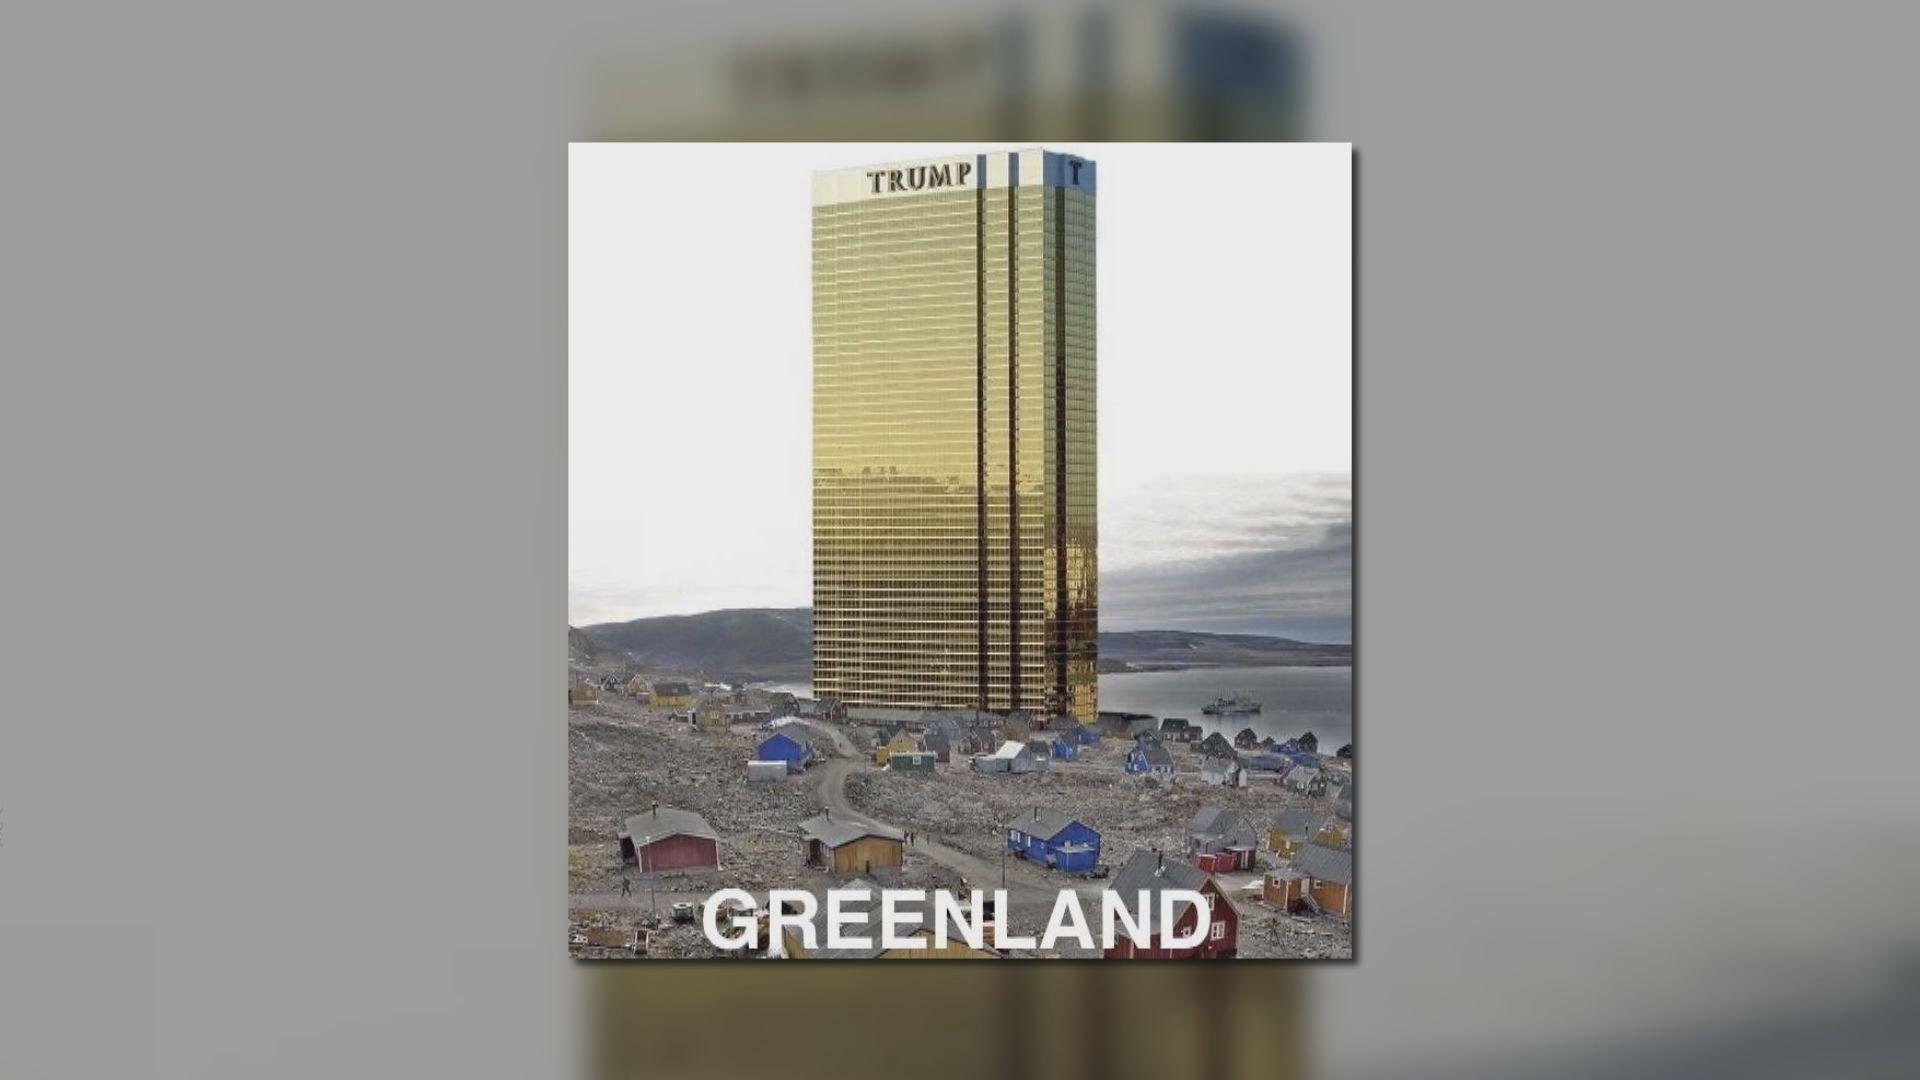 【環球薈報】特朗普保證不在格陵蘭興建名下酒店